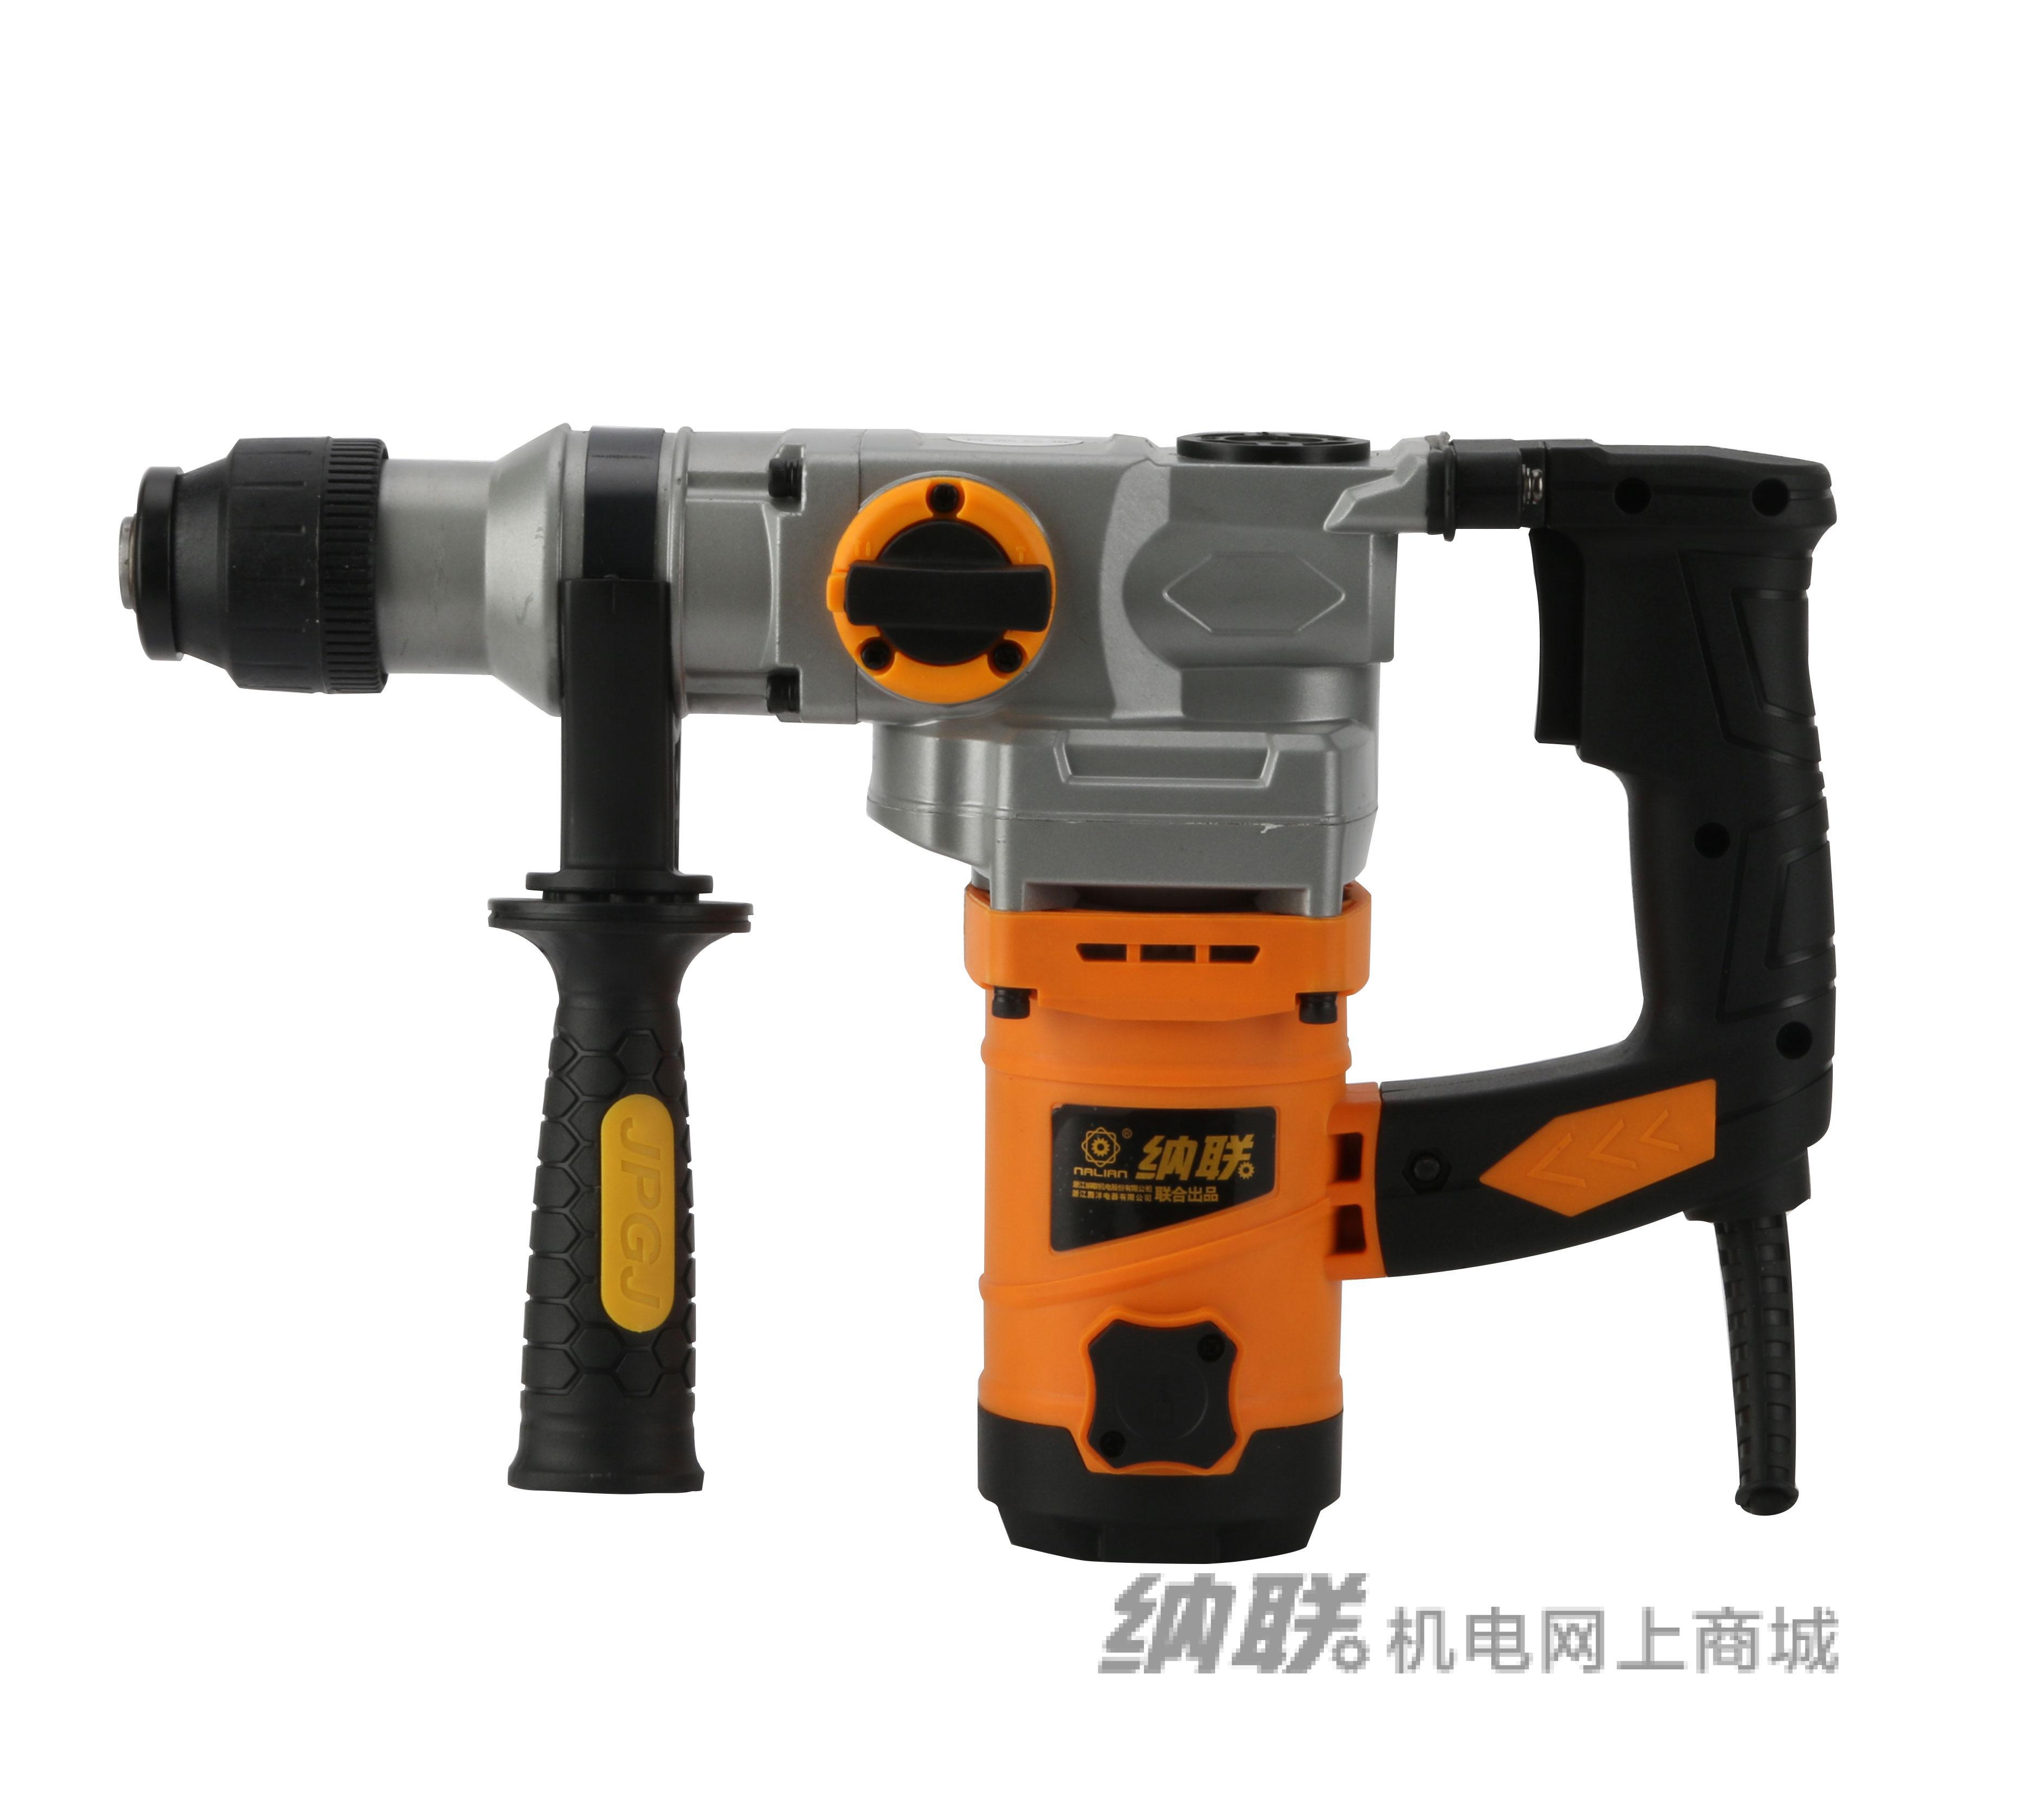 纳联机电 电锤-Z1A2-30SRE/1100W